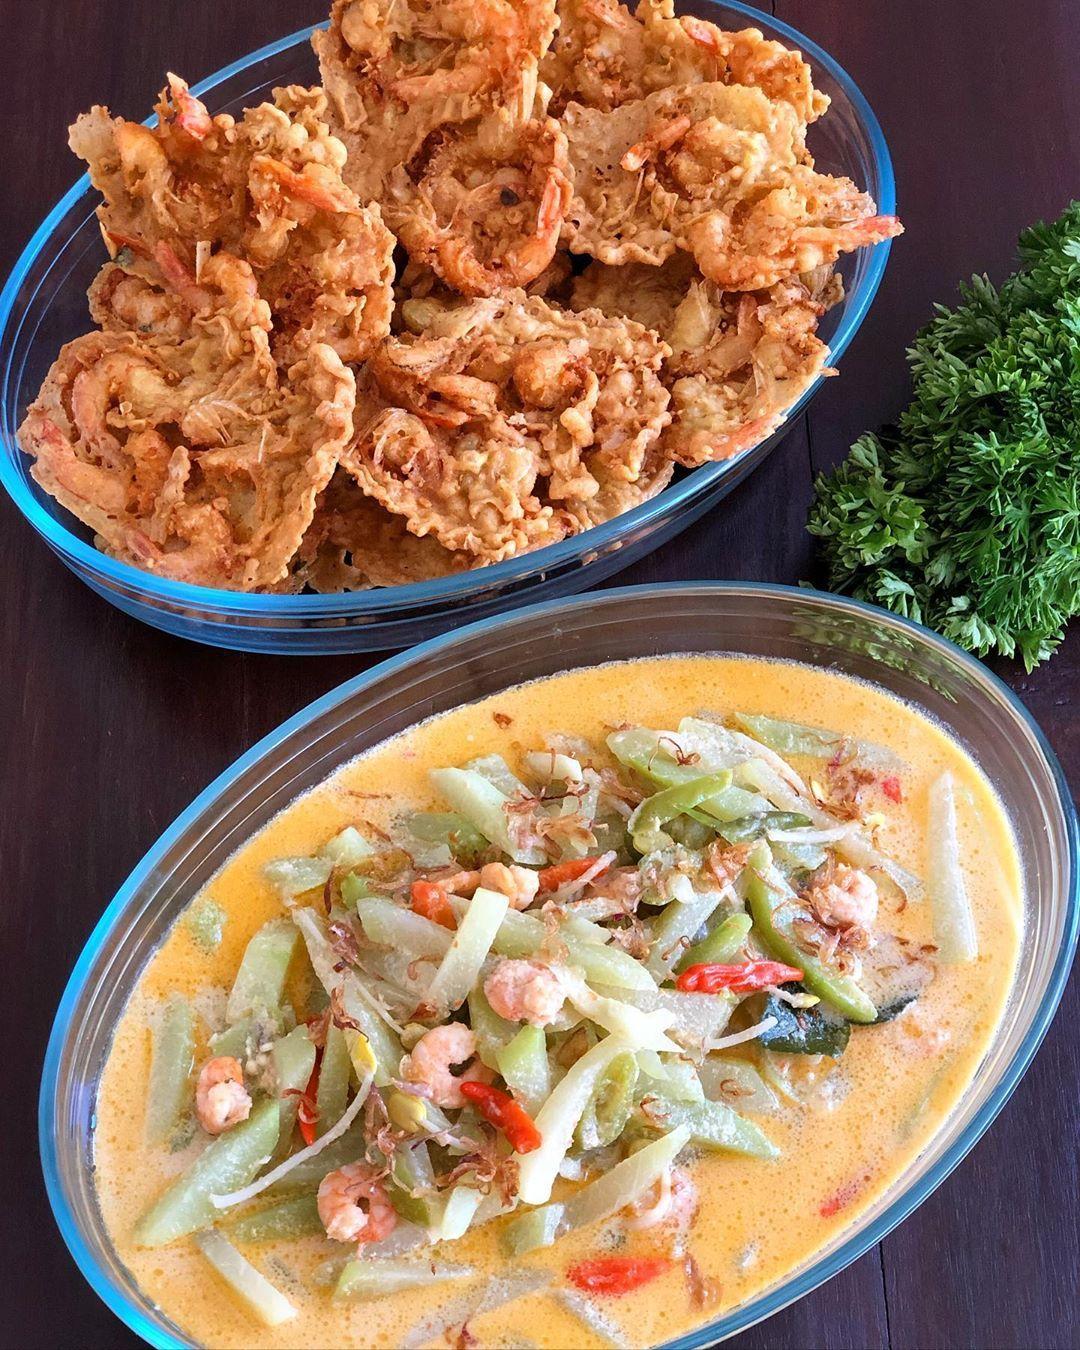 Resep Sambal Goreng Manisa : resep, sambal, goreng, manisa, Lengkap